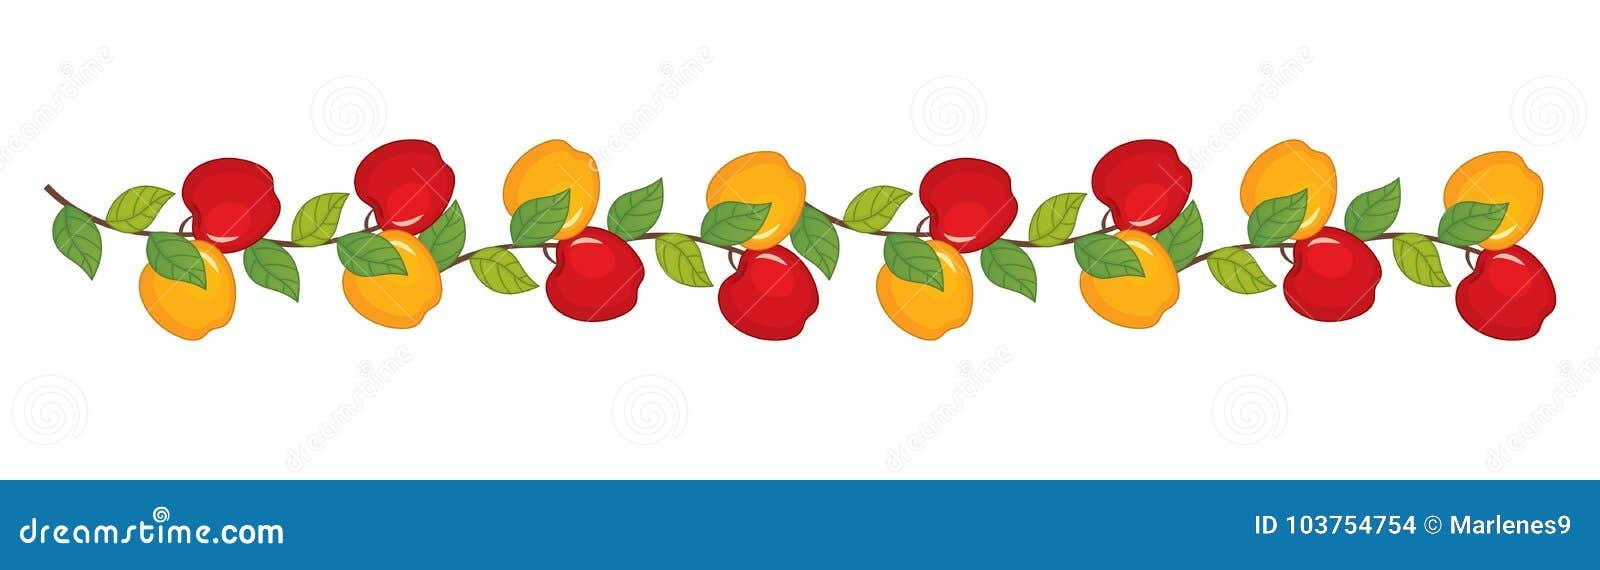 Ветвь вектора с яблоками Иллюстрация вектора яблок